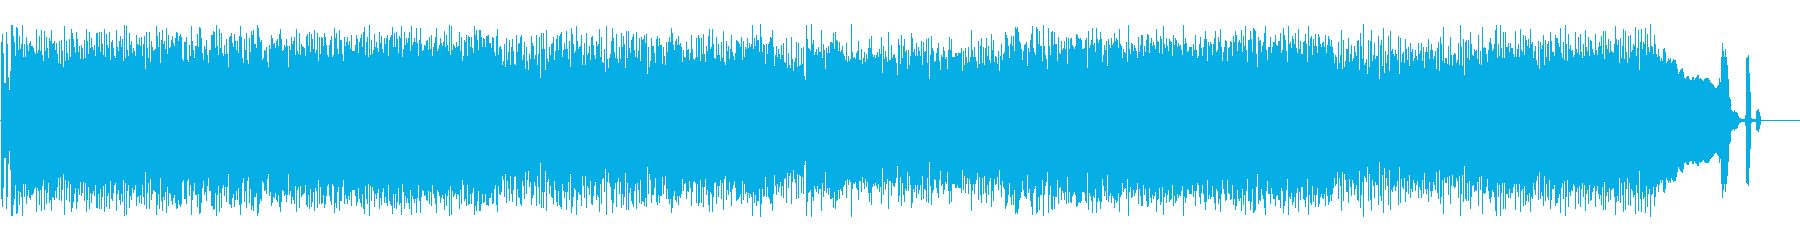 オーディオドラマ向けBGM/スカパンクの再生済みの波形